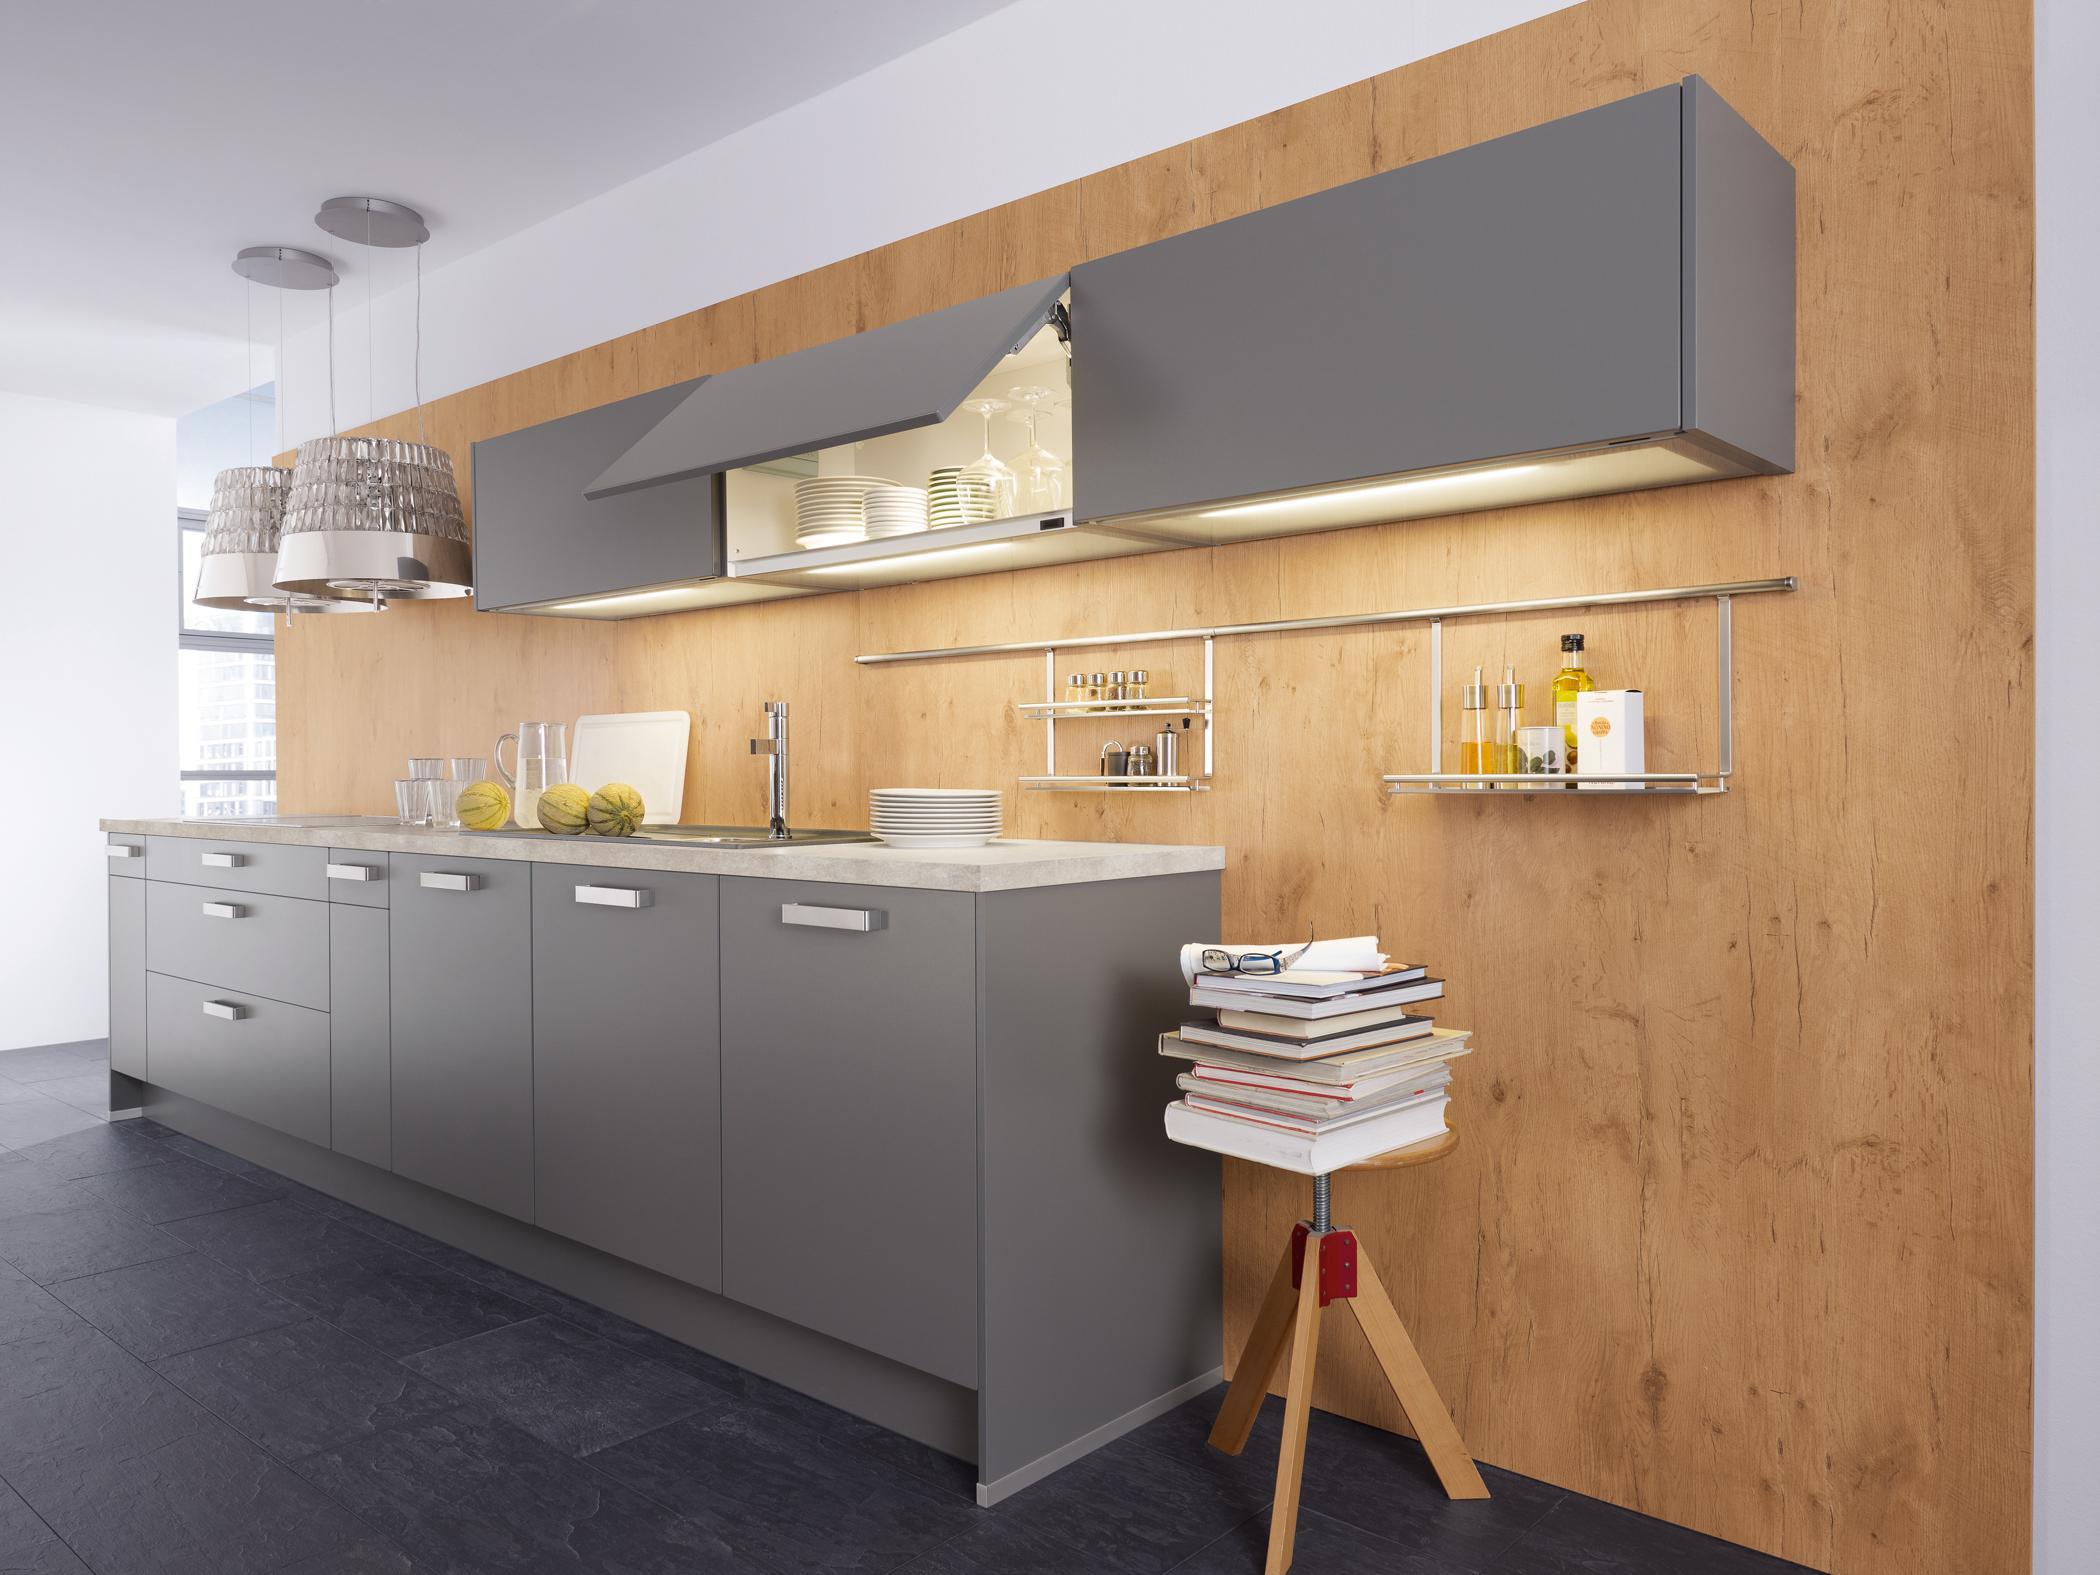 Full Size of Wandgestaltung Küche Kche So Einfach Wirds Wohnlich Kleine Einrichten Müllsystem L Mit Elektrogeräten Sprüche Für Die Landhaus Sitzecke Einbauküche Ohne Wohnzimmer Wandgestaltung Küche